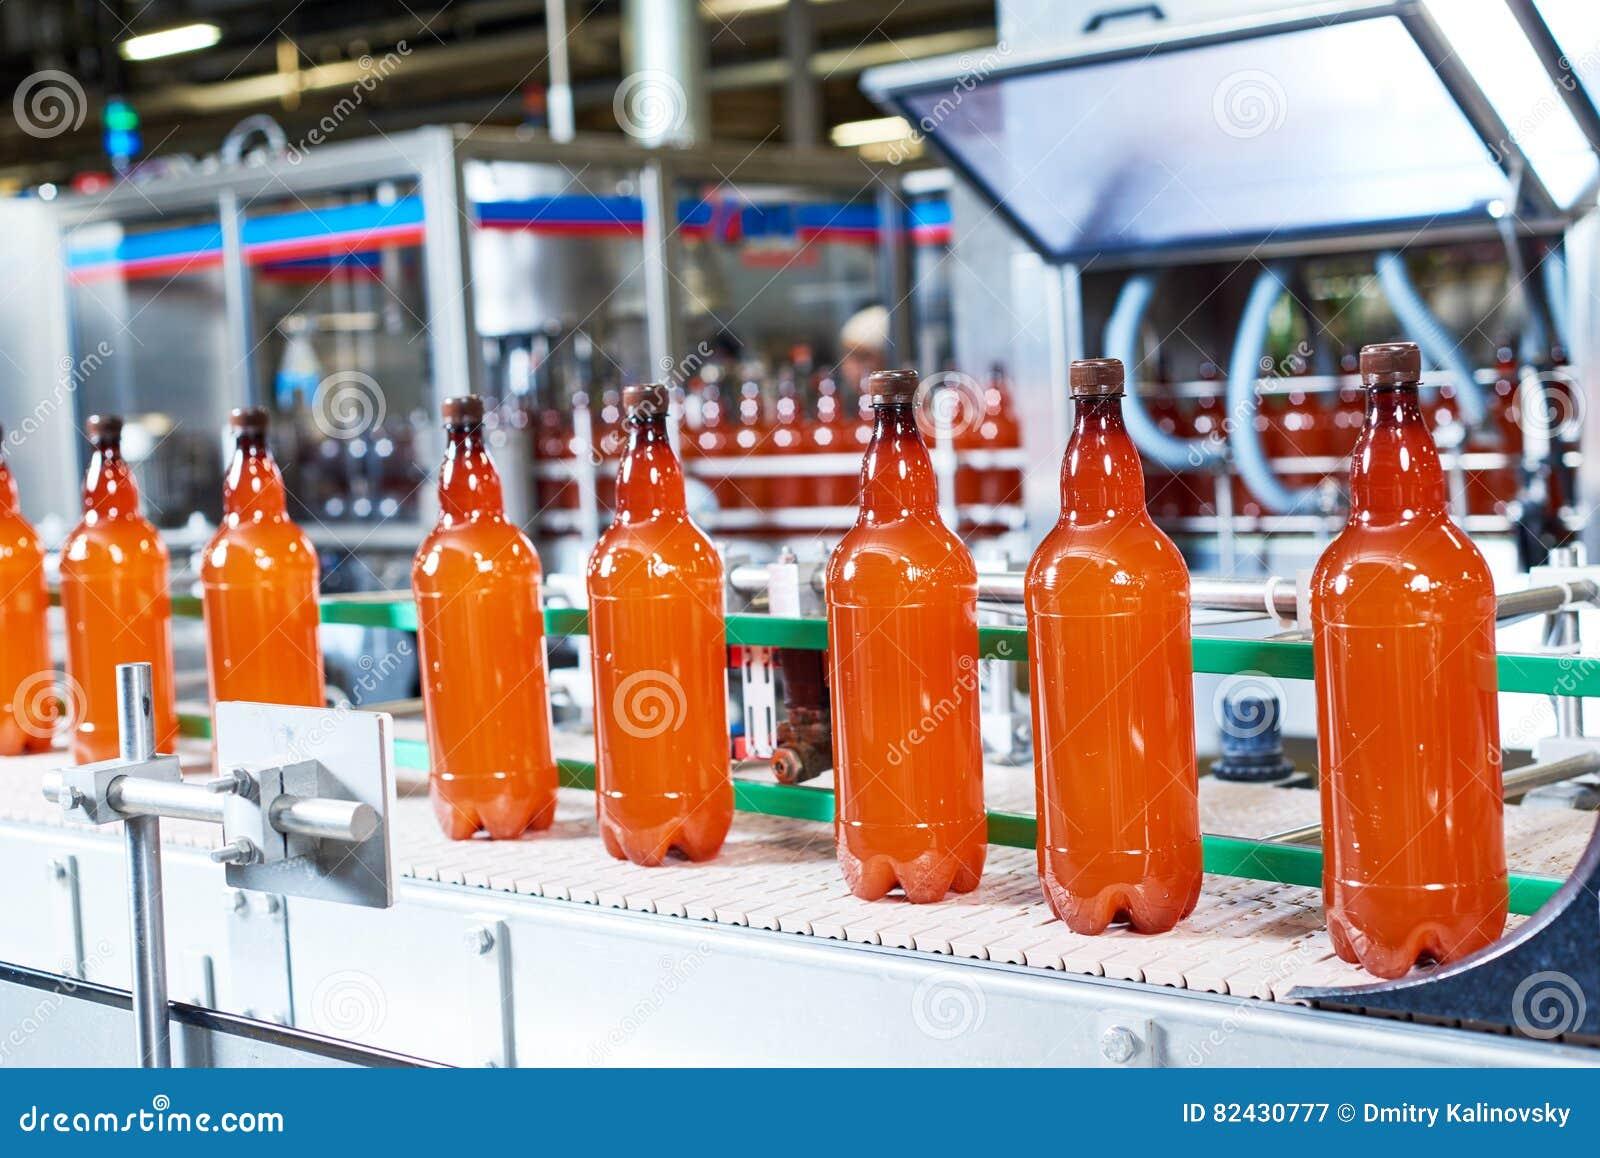 Klingeryt butelki z piwem lub carbonated napojem poruszającymi na konwejerze